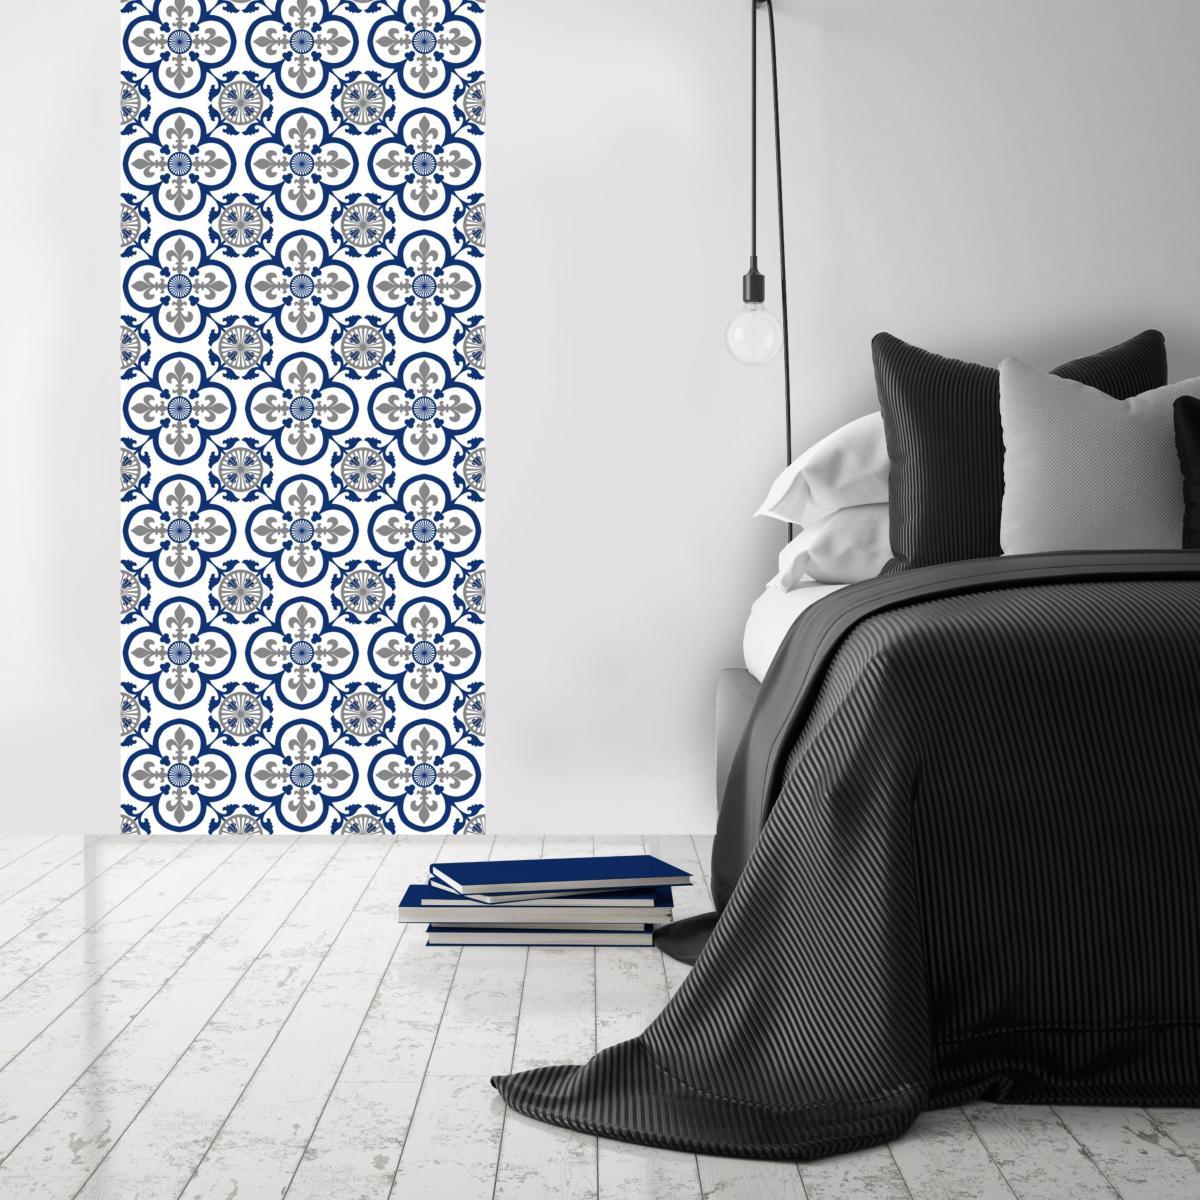 papier peint carreaux de ciment garance bleu l. Black Bedroom Furniture Sets. Home Design Ideas